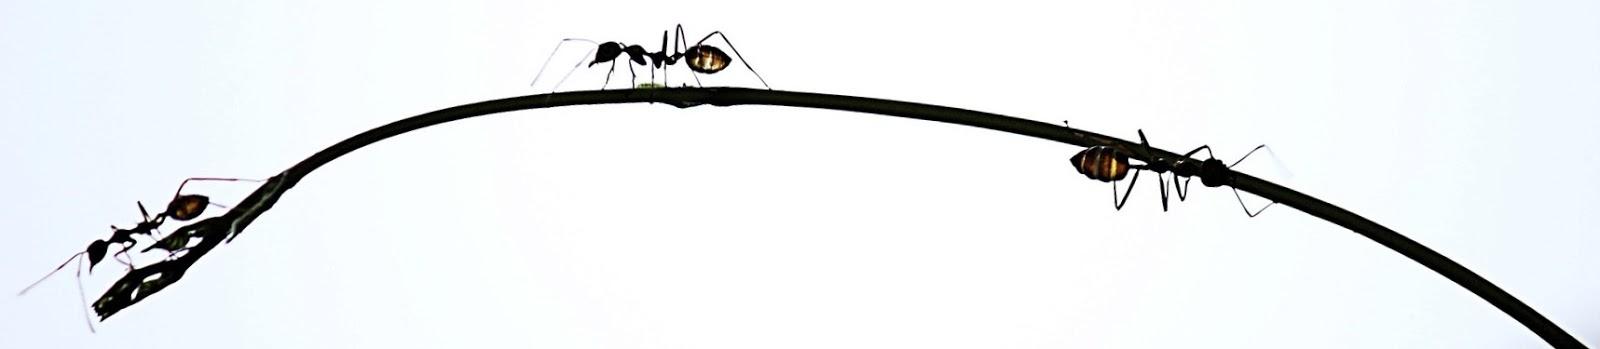 ramo de um planta é escalado por três formigas